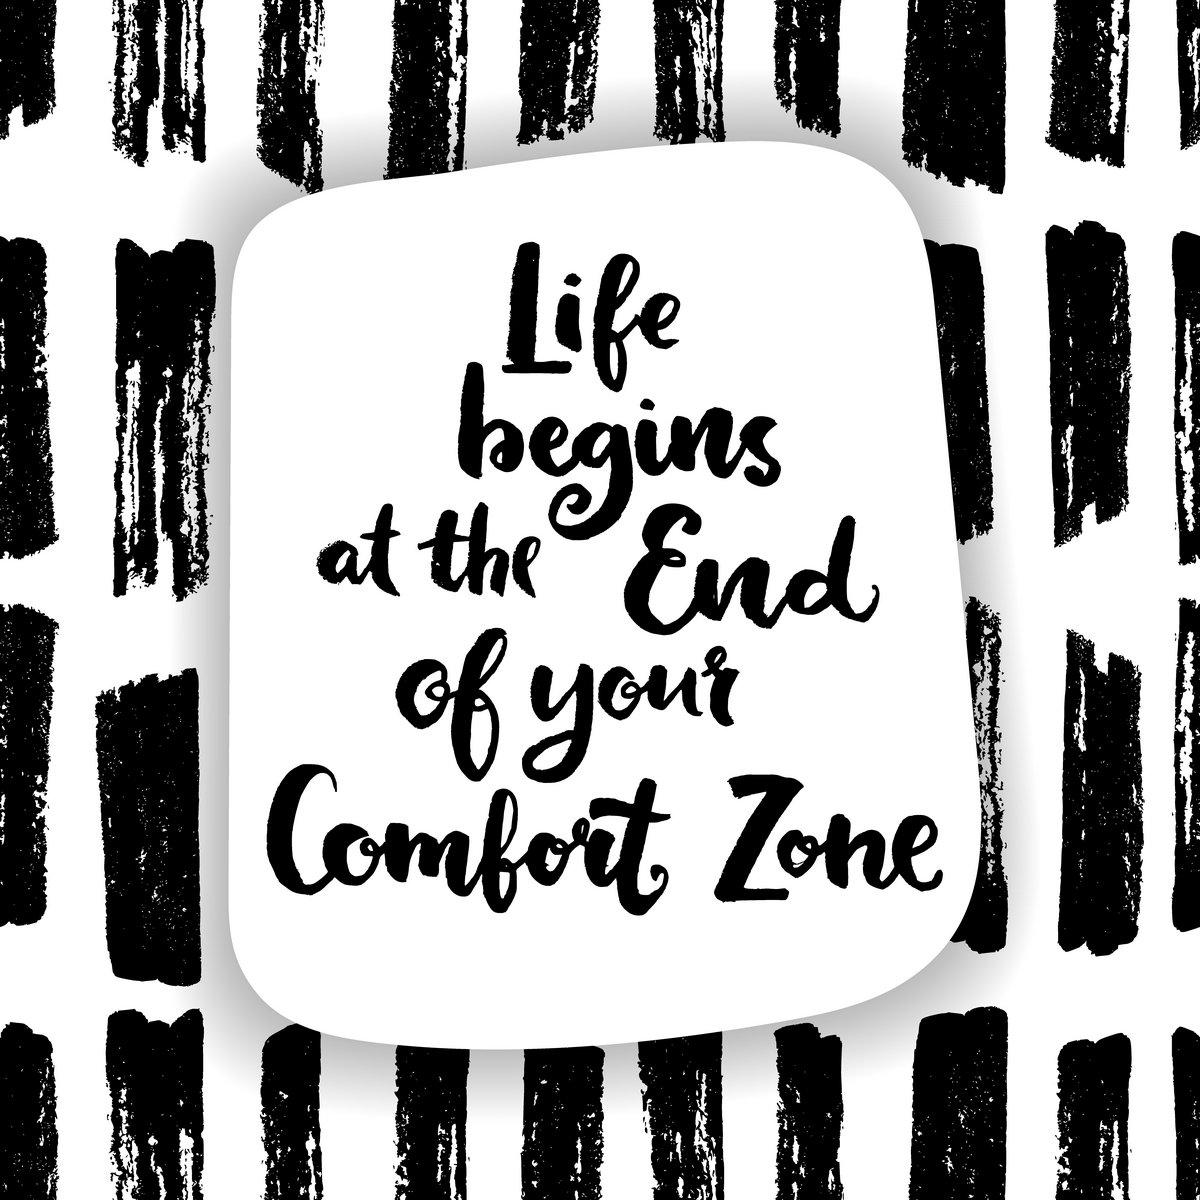 Постер Мотивационный плакат Жизнь начинается в конце вашей зоны комфорта.Мотивационный плакат<br>Постер на холсте или бумаге. Любого нужного вам размера. В раме или без. Подвес в комплекте. Трехслойная надежная упаковка. Доставим в любую точку России. Вам осталось только повесить картину на стену!<br>